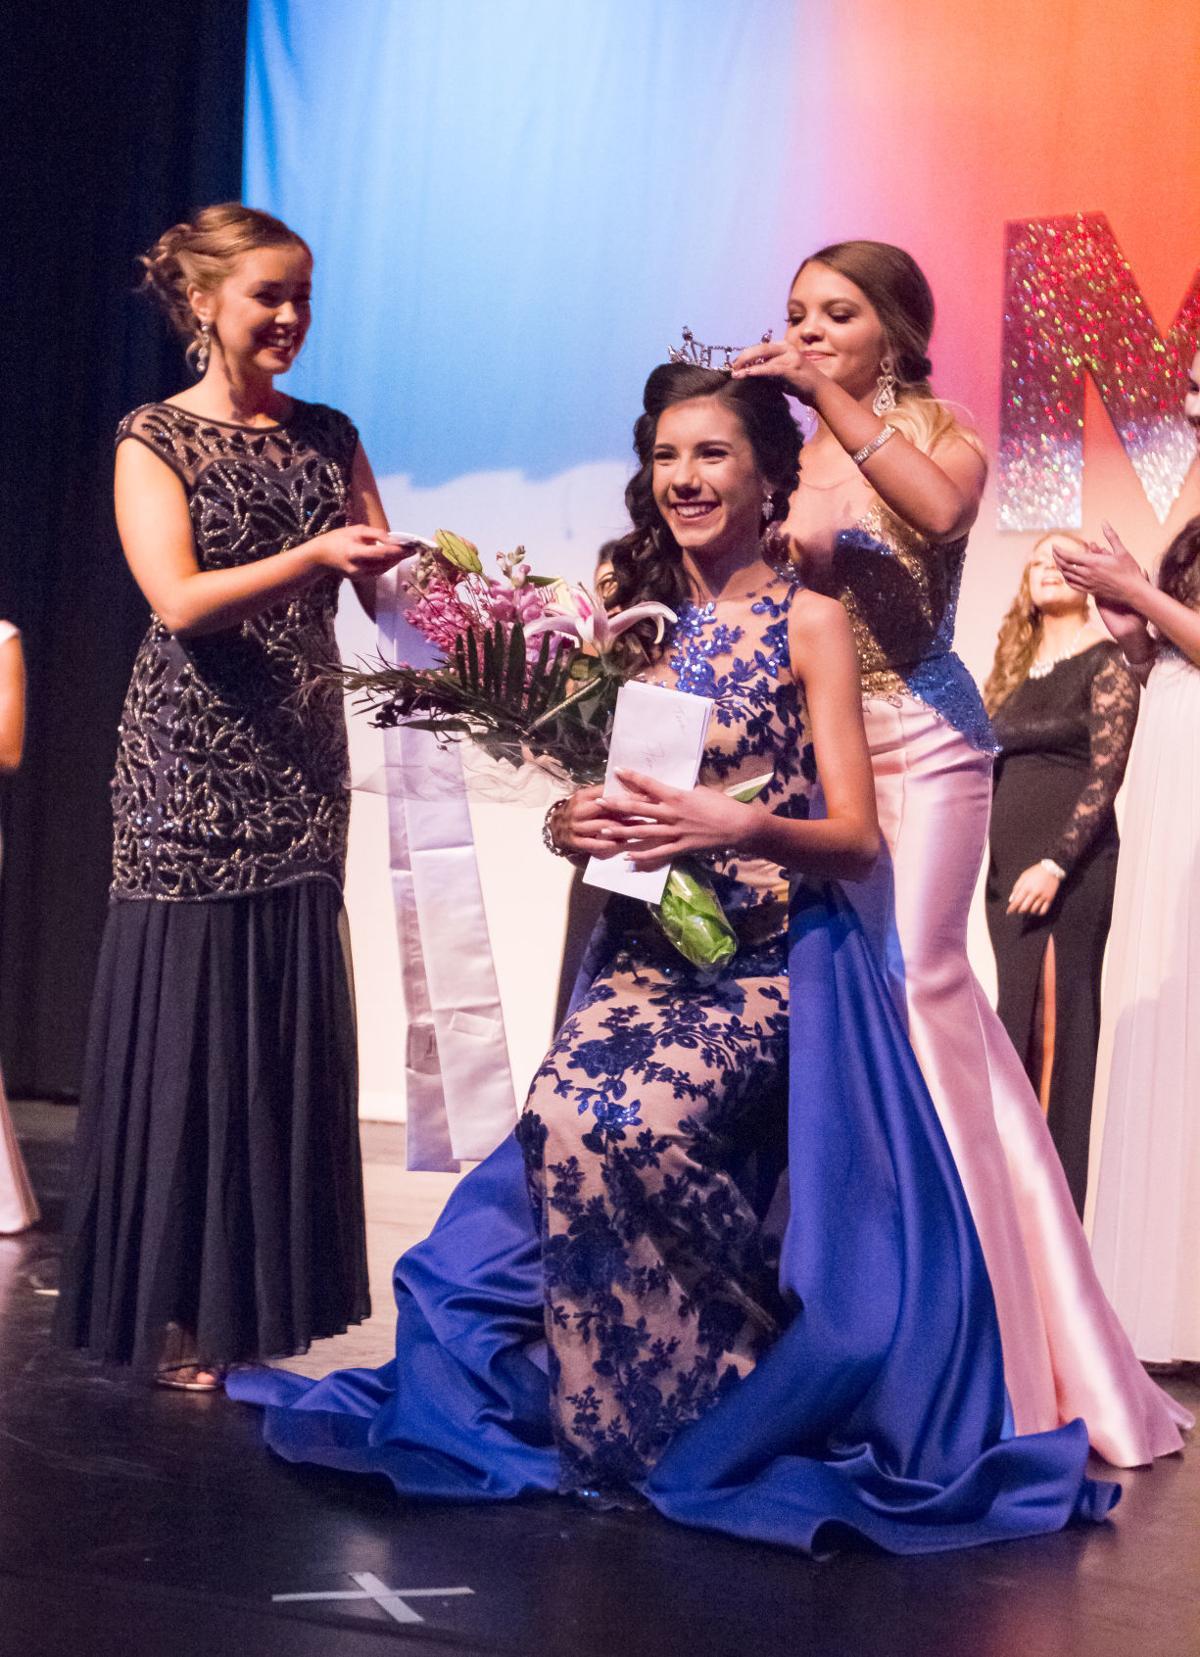 Abigail Salyer, Miss Kings County's Outstanding Teen 2018